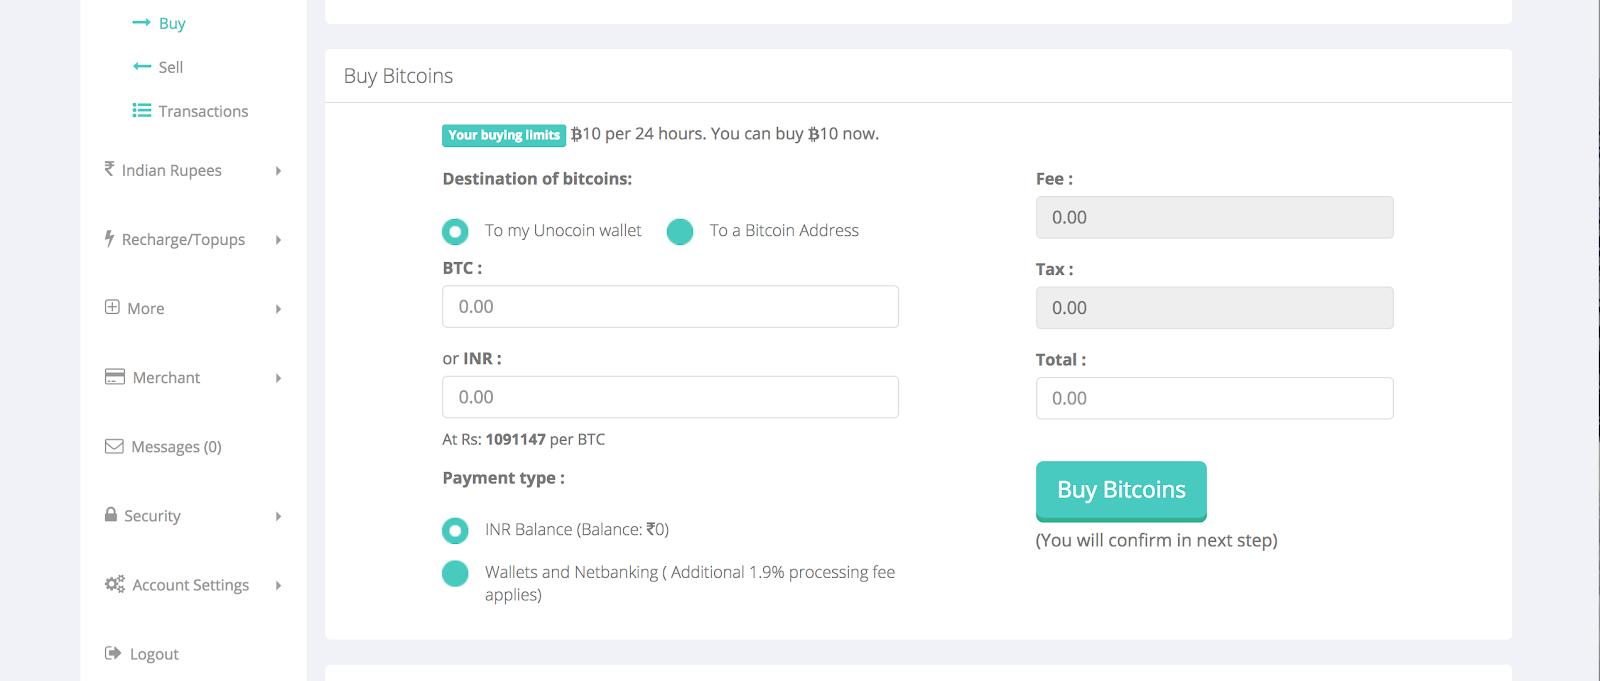 How to trade Bitcoin using Unocoin - India's leading Bitcoin company